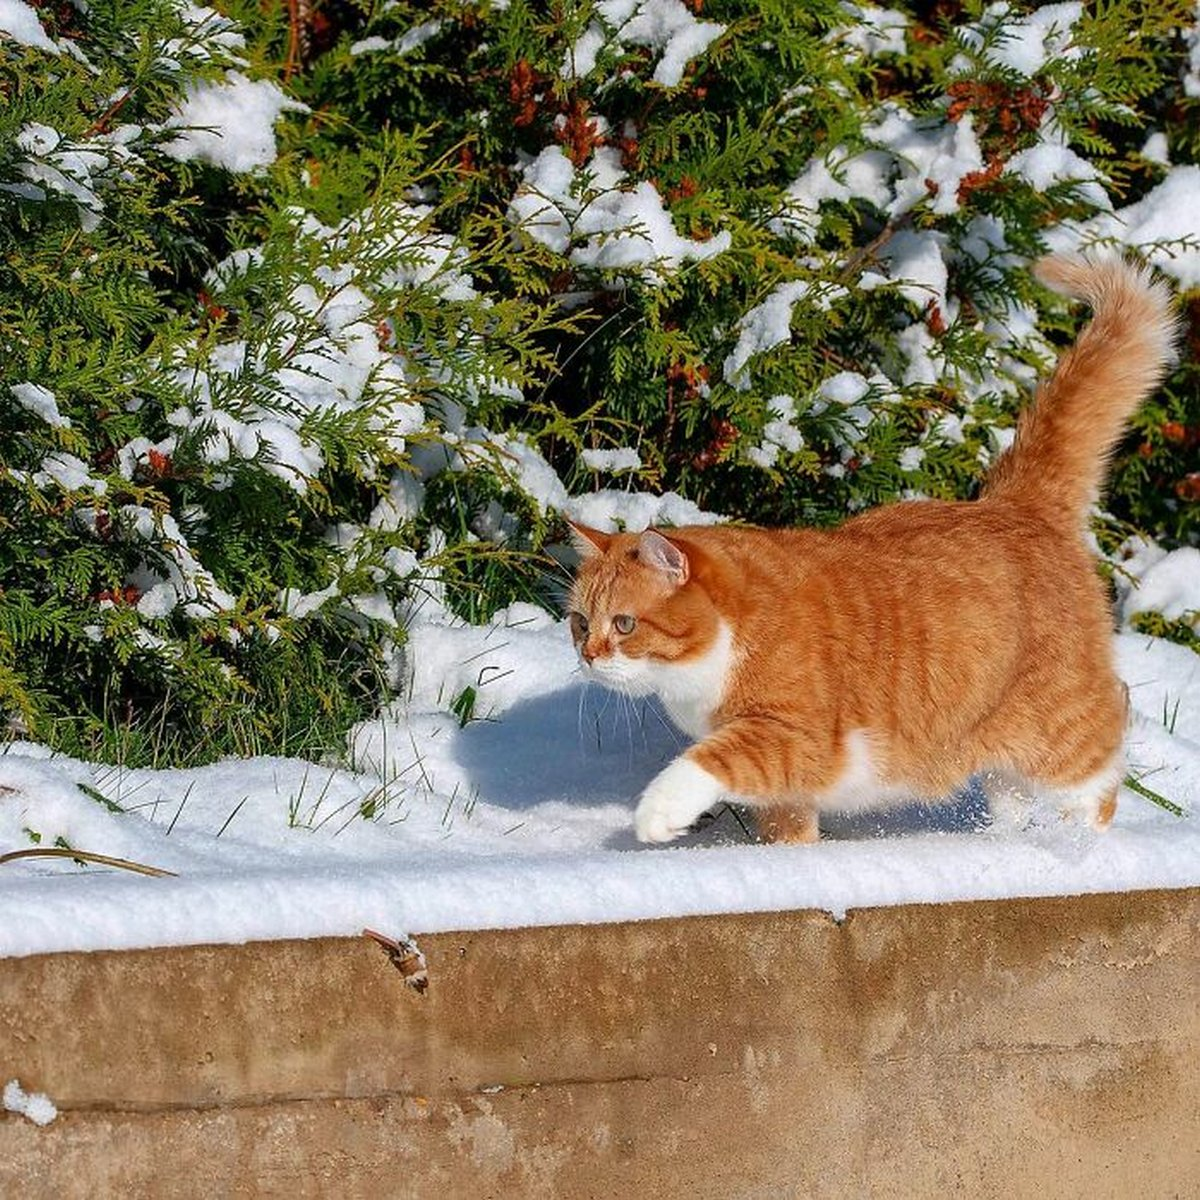 Ce joyeux chat roux adore la neige et ses photos sont adorables